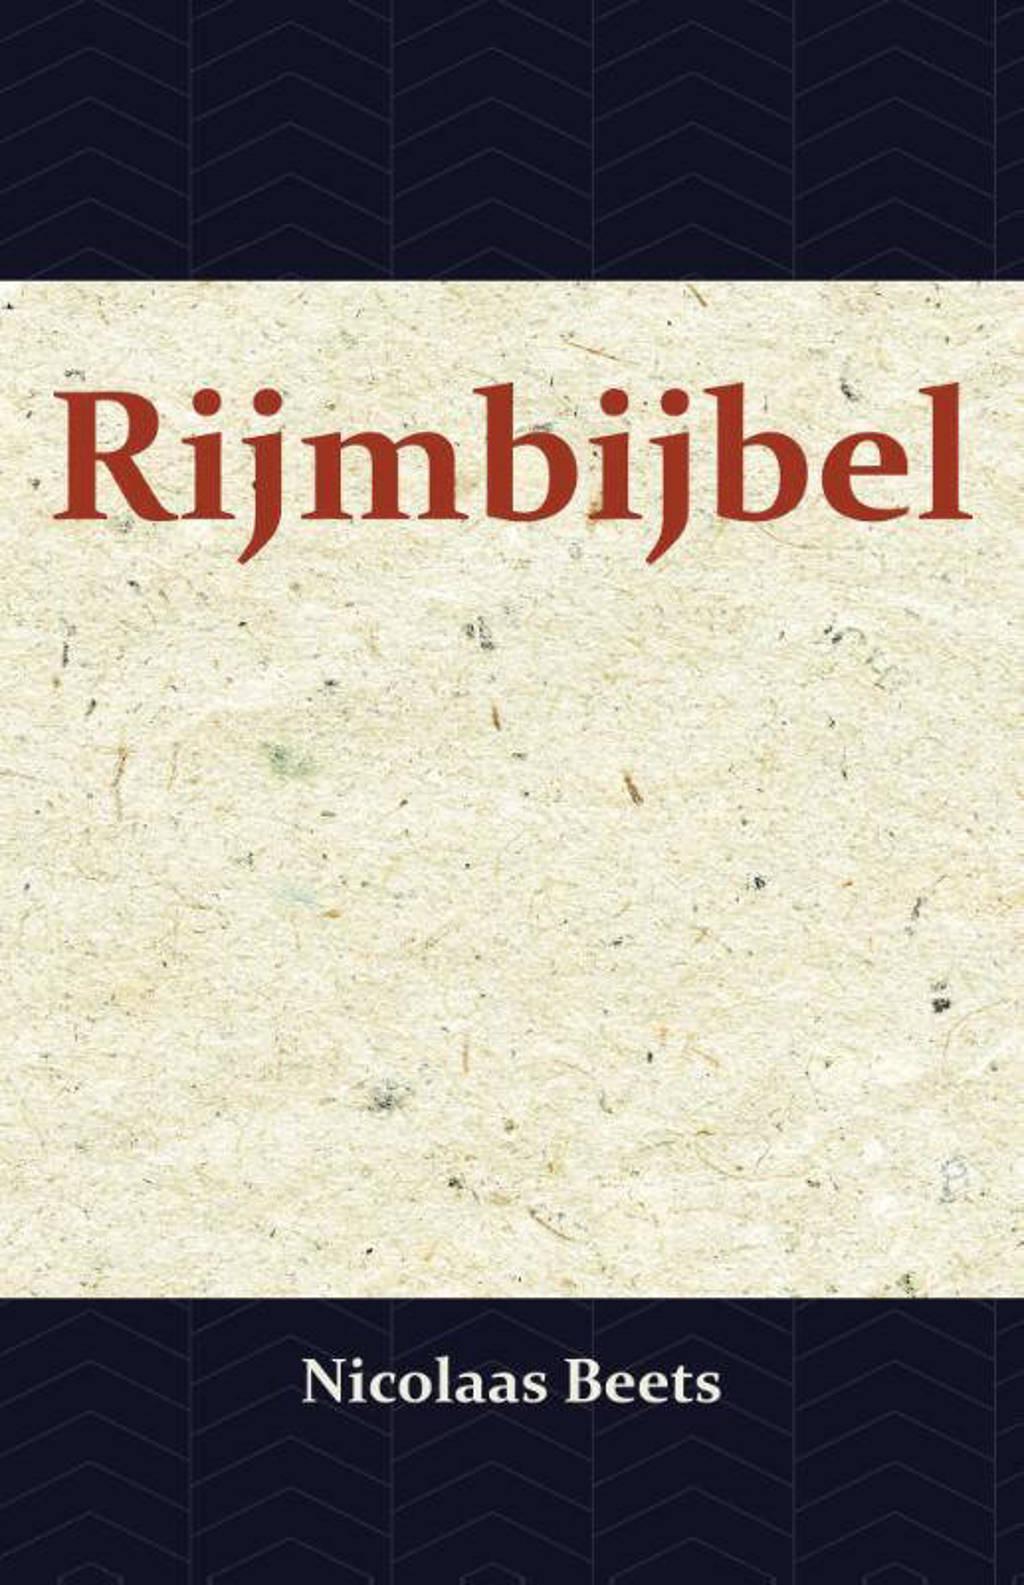 Rijmbijbel - Nicolaas Beets